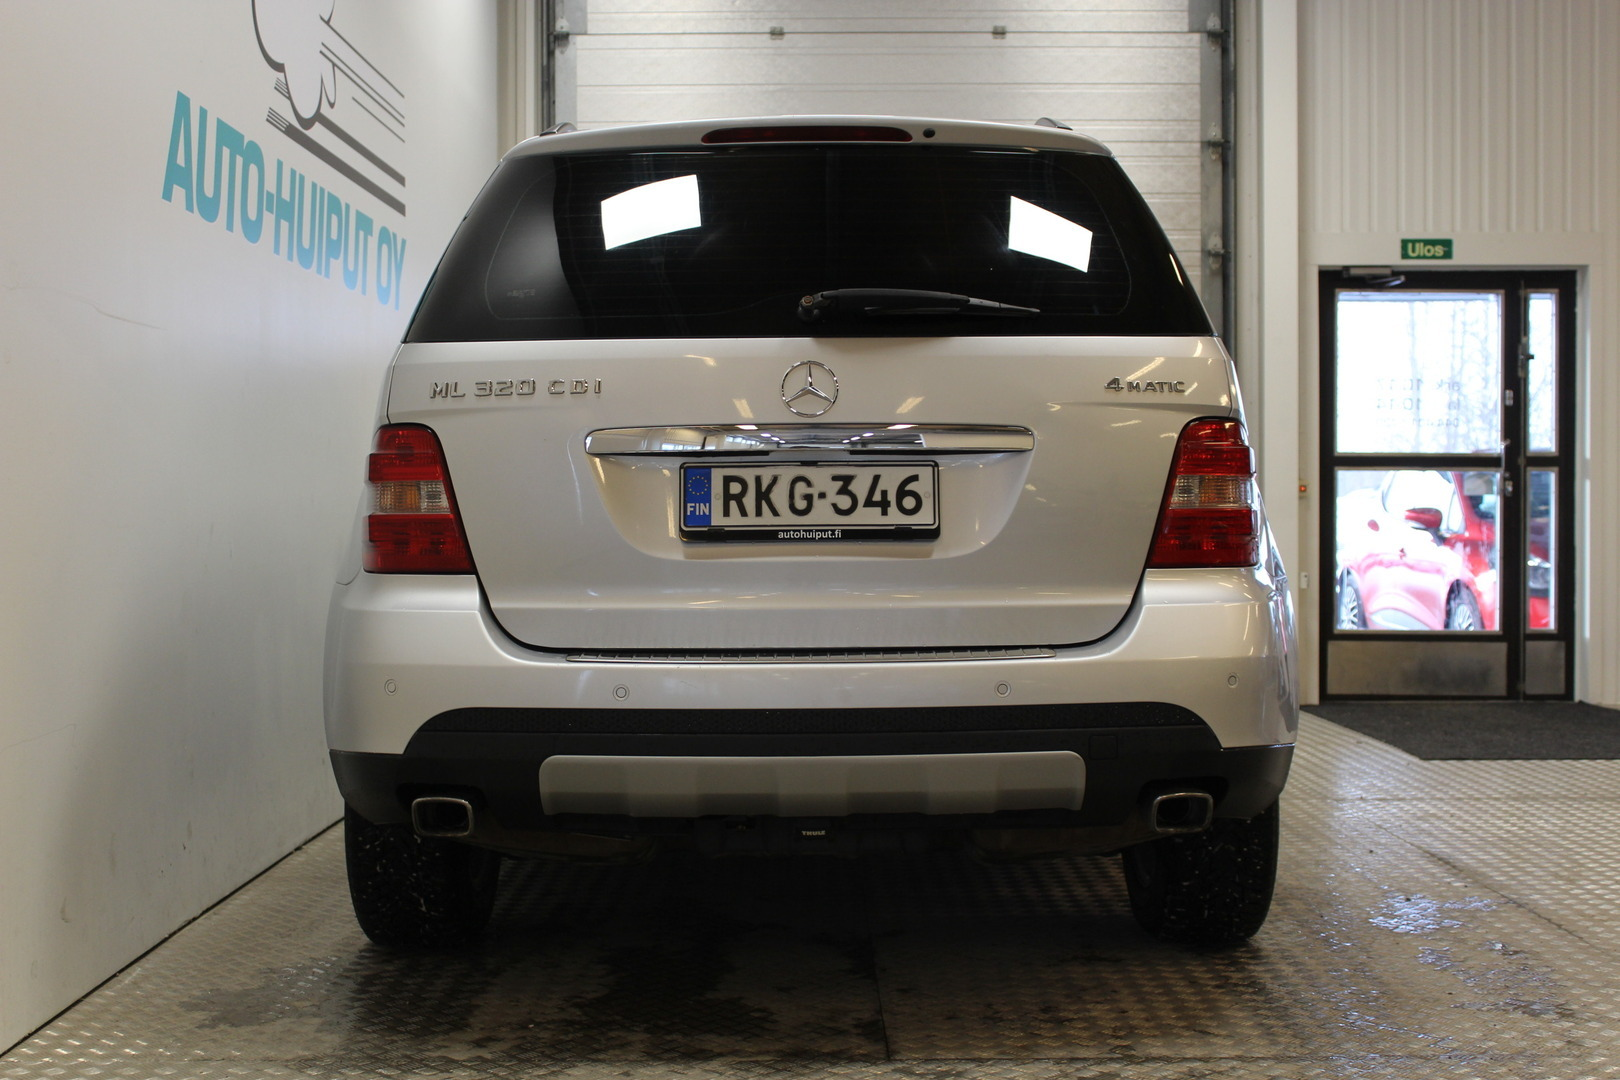 Mercedes-Benz ML, 320 CDI 4MATIC #Suomi-auto #Hieno